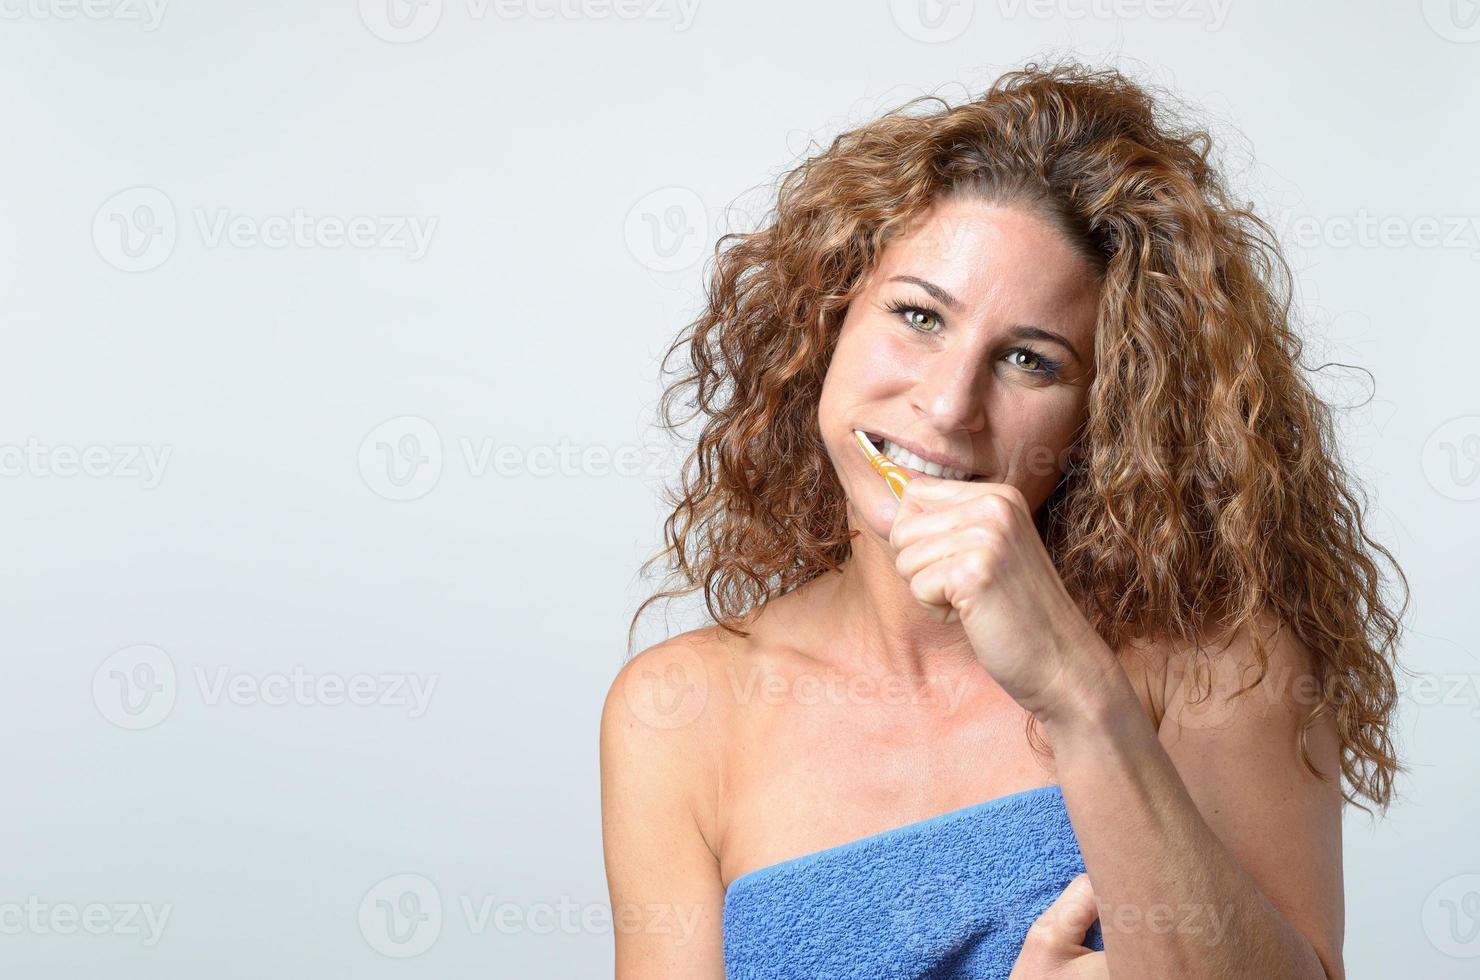 mujer limpiando sus dientes con un cepillo de dientes foto